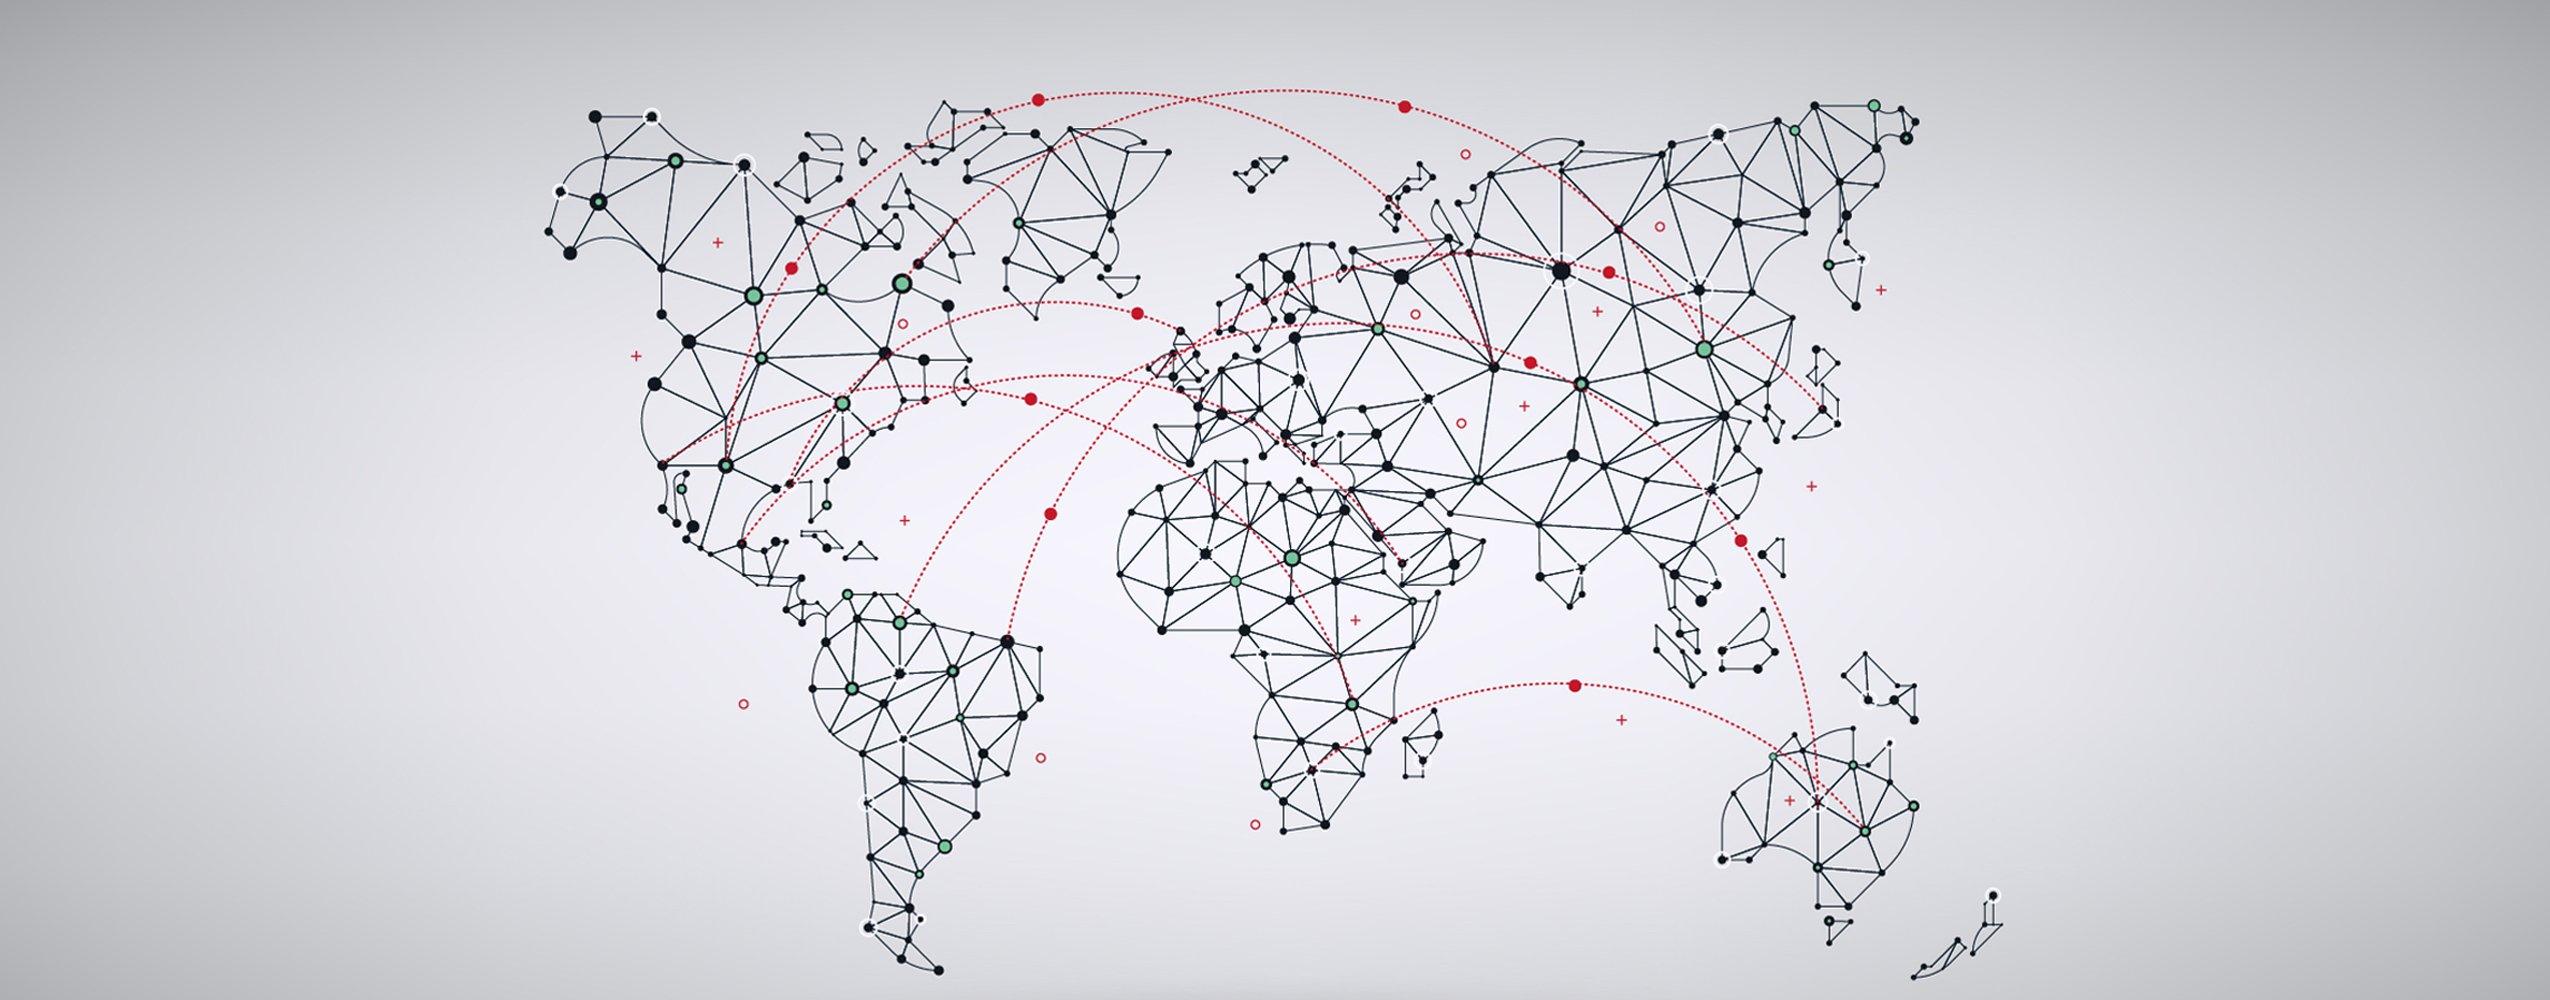 Internationale weltweite Verbindungen